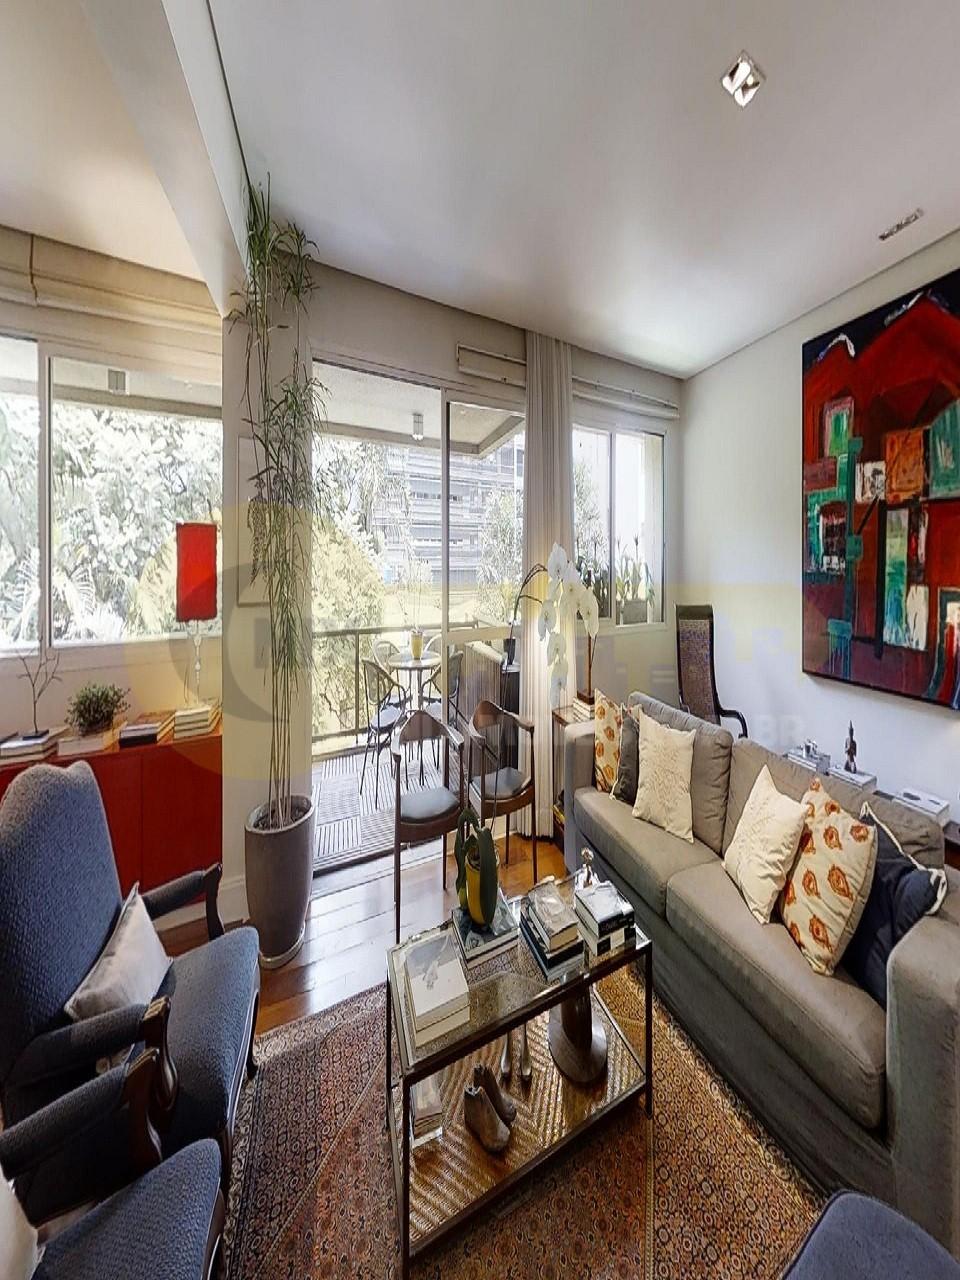 Comprar Apartamento Moema Sp Proximo Parque do Povo cerca de 200 metros. 3 suítes, sala intíma. Sofisticado e seguro. No coração de Moema, Prox Shopping JK!